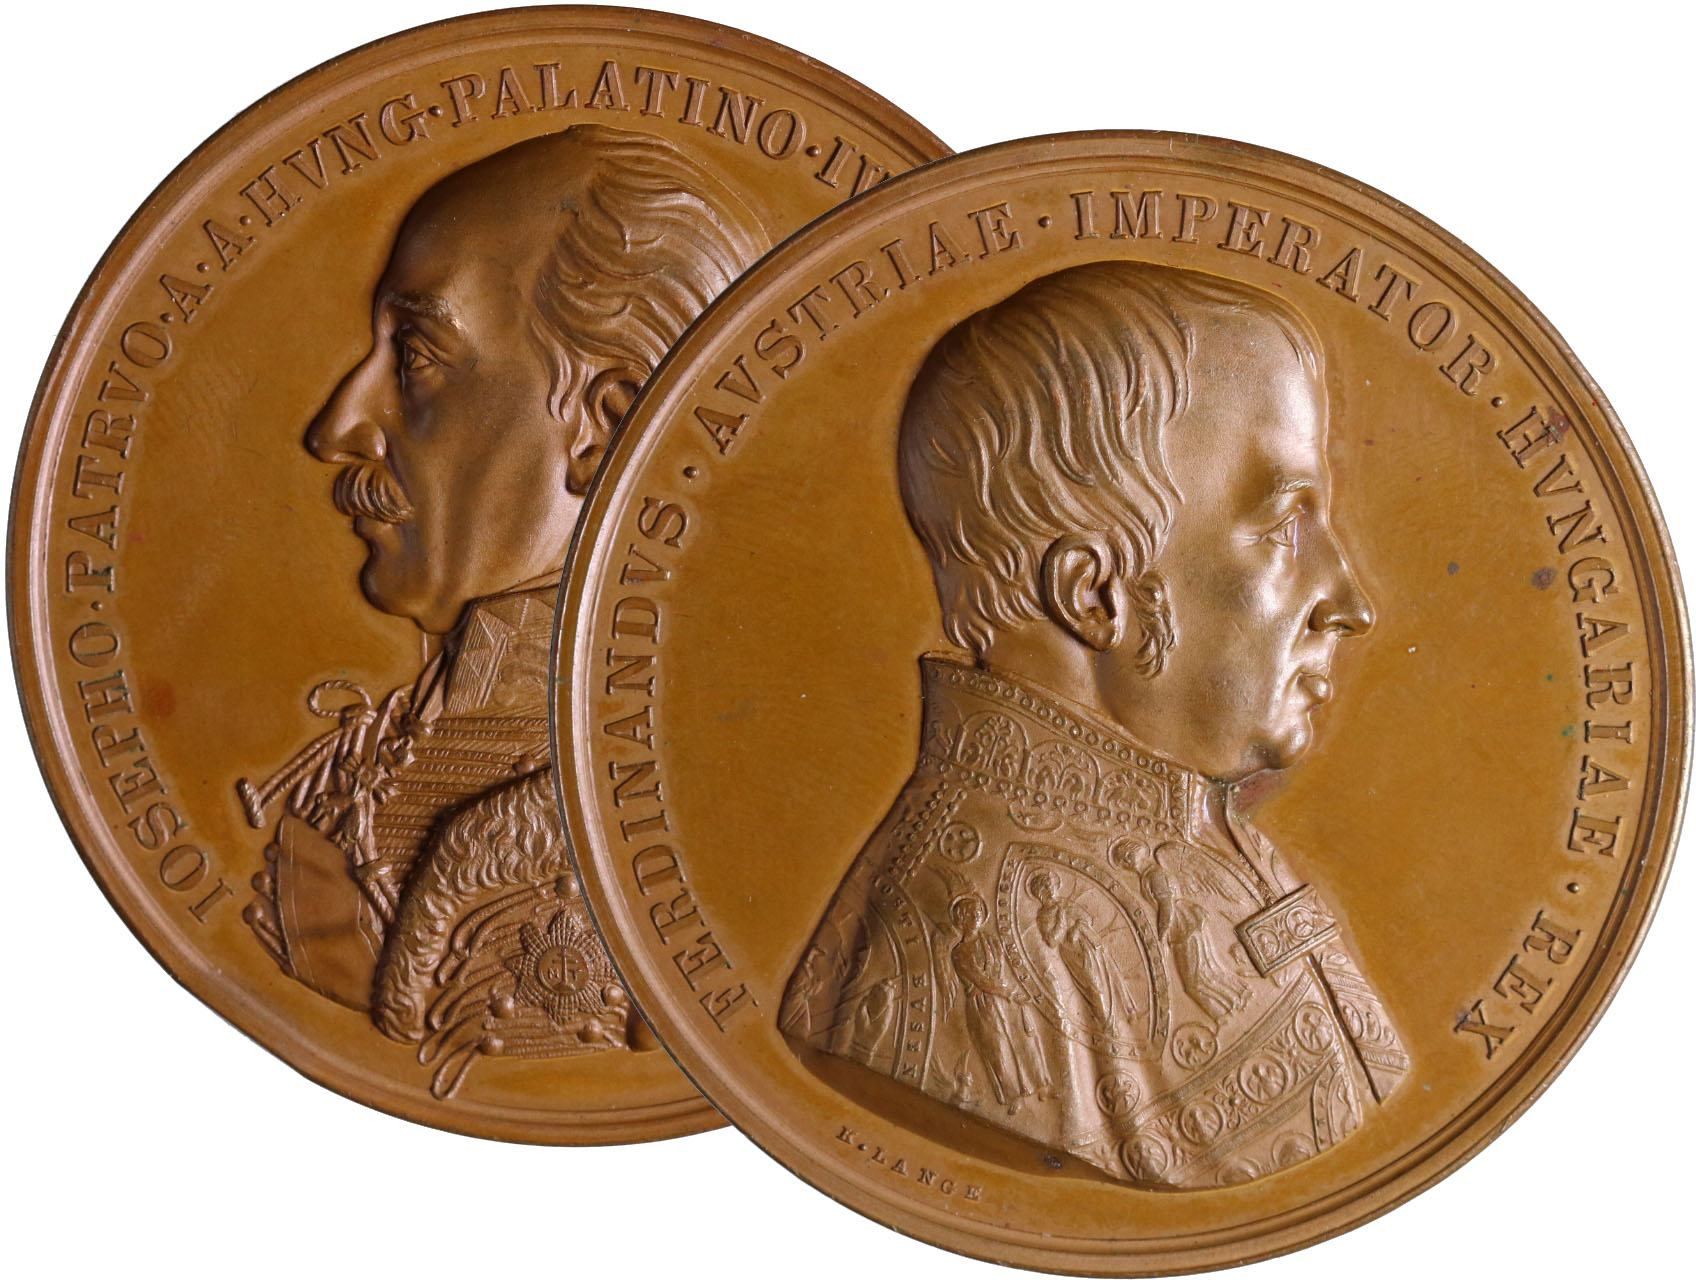 Osobnosti - Ferdinand V. 1793-1848, AE Medaile 1846 - K 50. výročí arcivévody Josefa jako uherského palatina. Poprsí císaře zprava, opis / poprsí arcivévody zleva, opis. Značeno K. Lange, bronz, 54 mm, naražená hrana